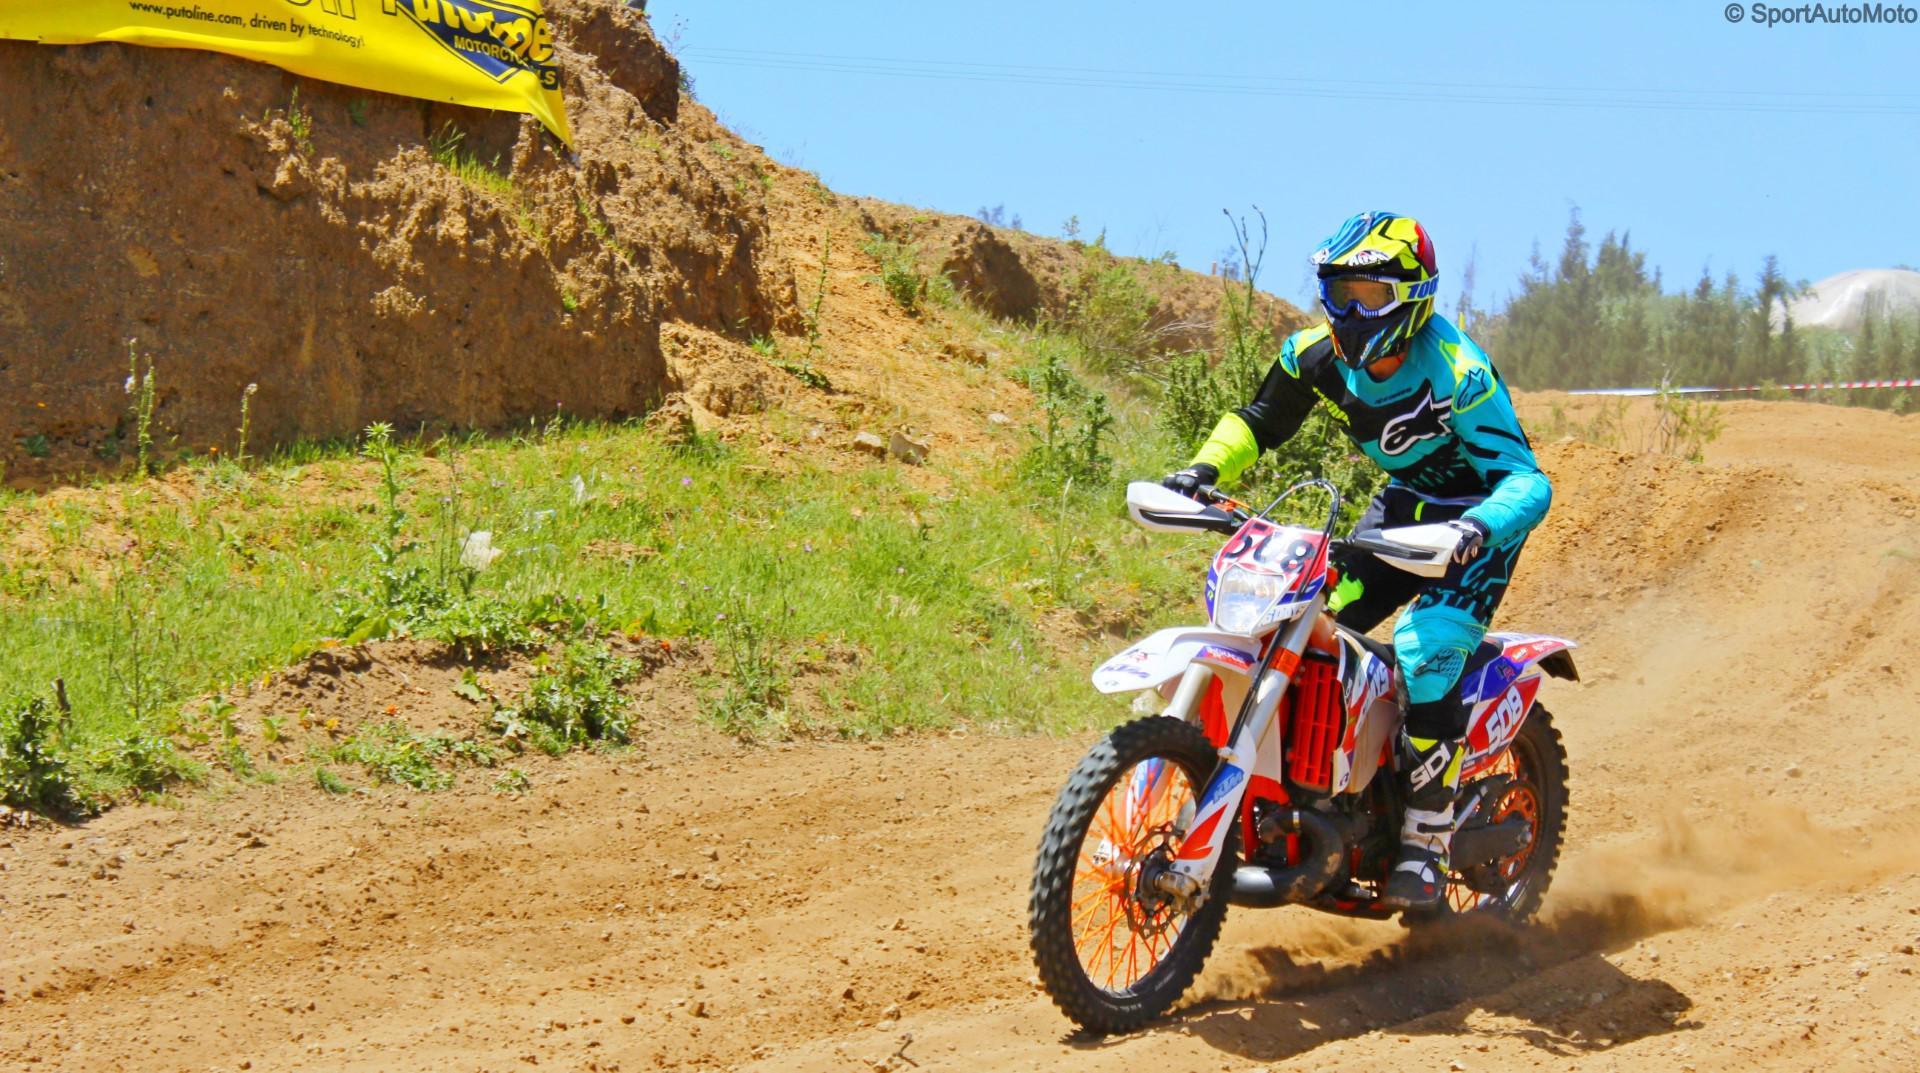 championnat-du-maroc-de-motocross-kenitra-774-34.jpg